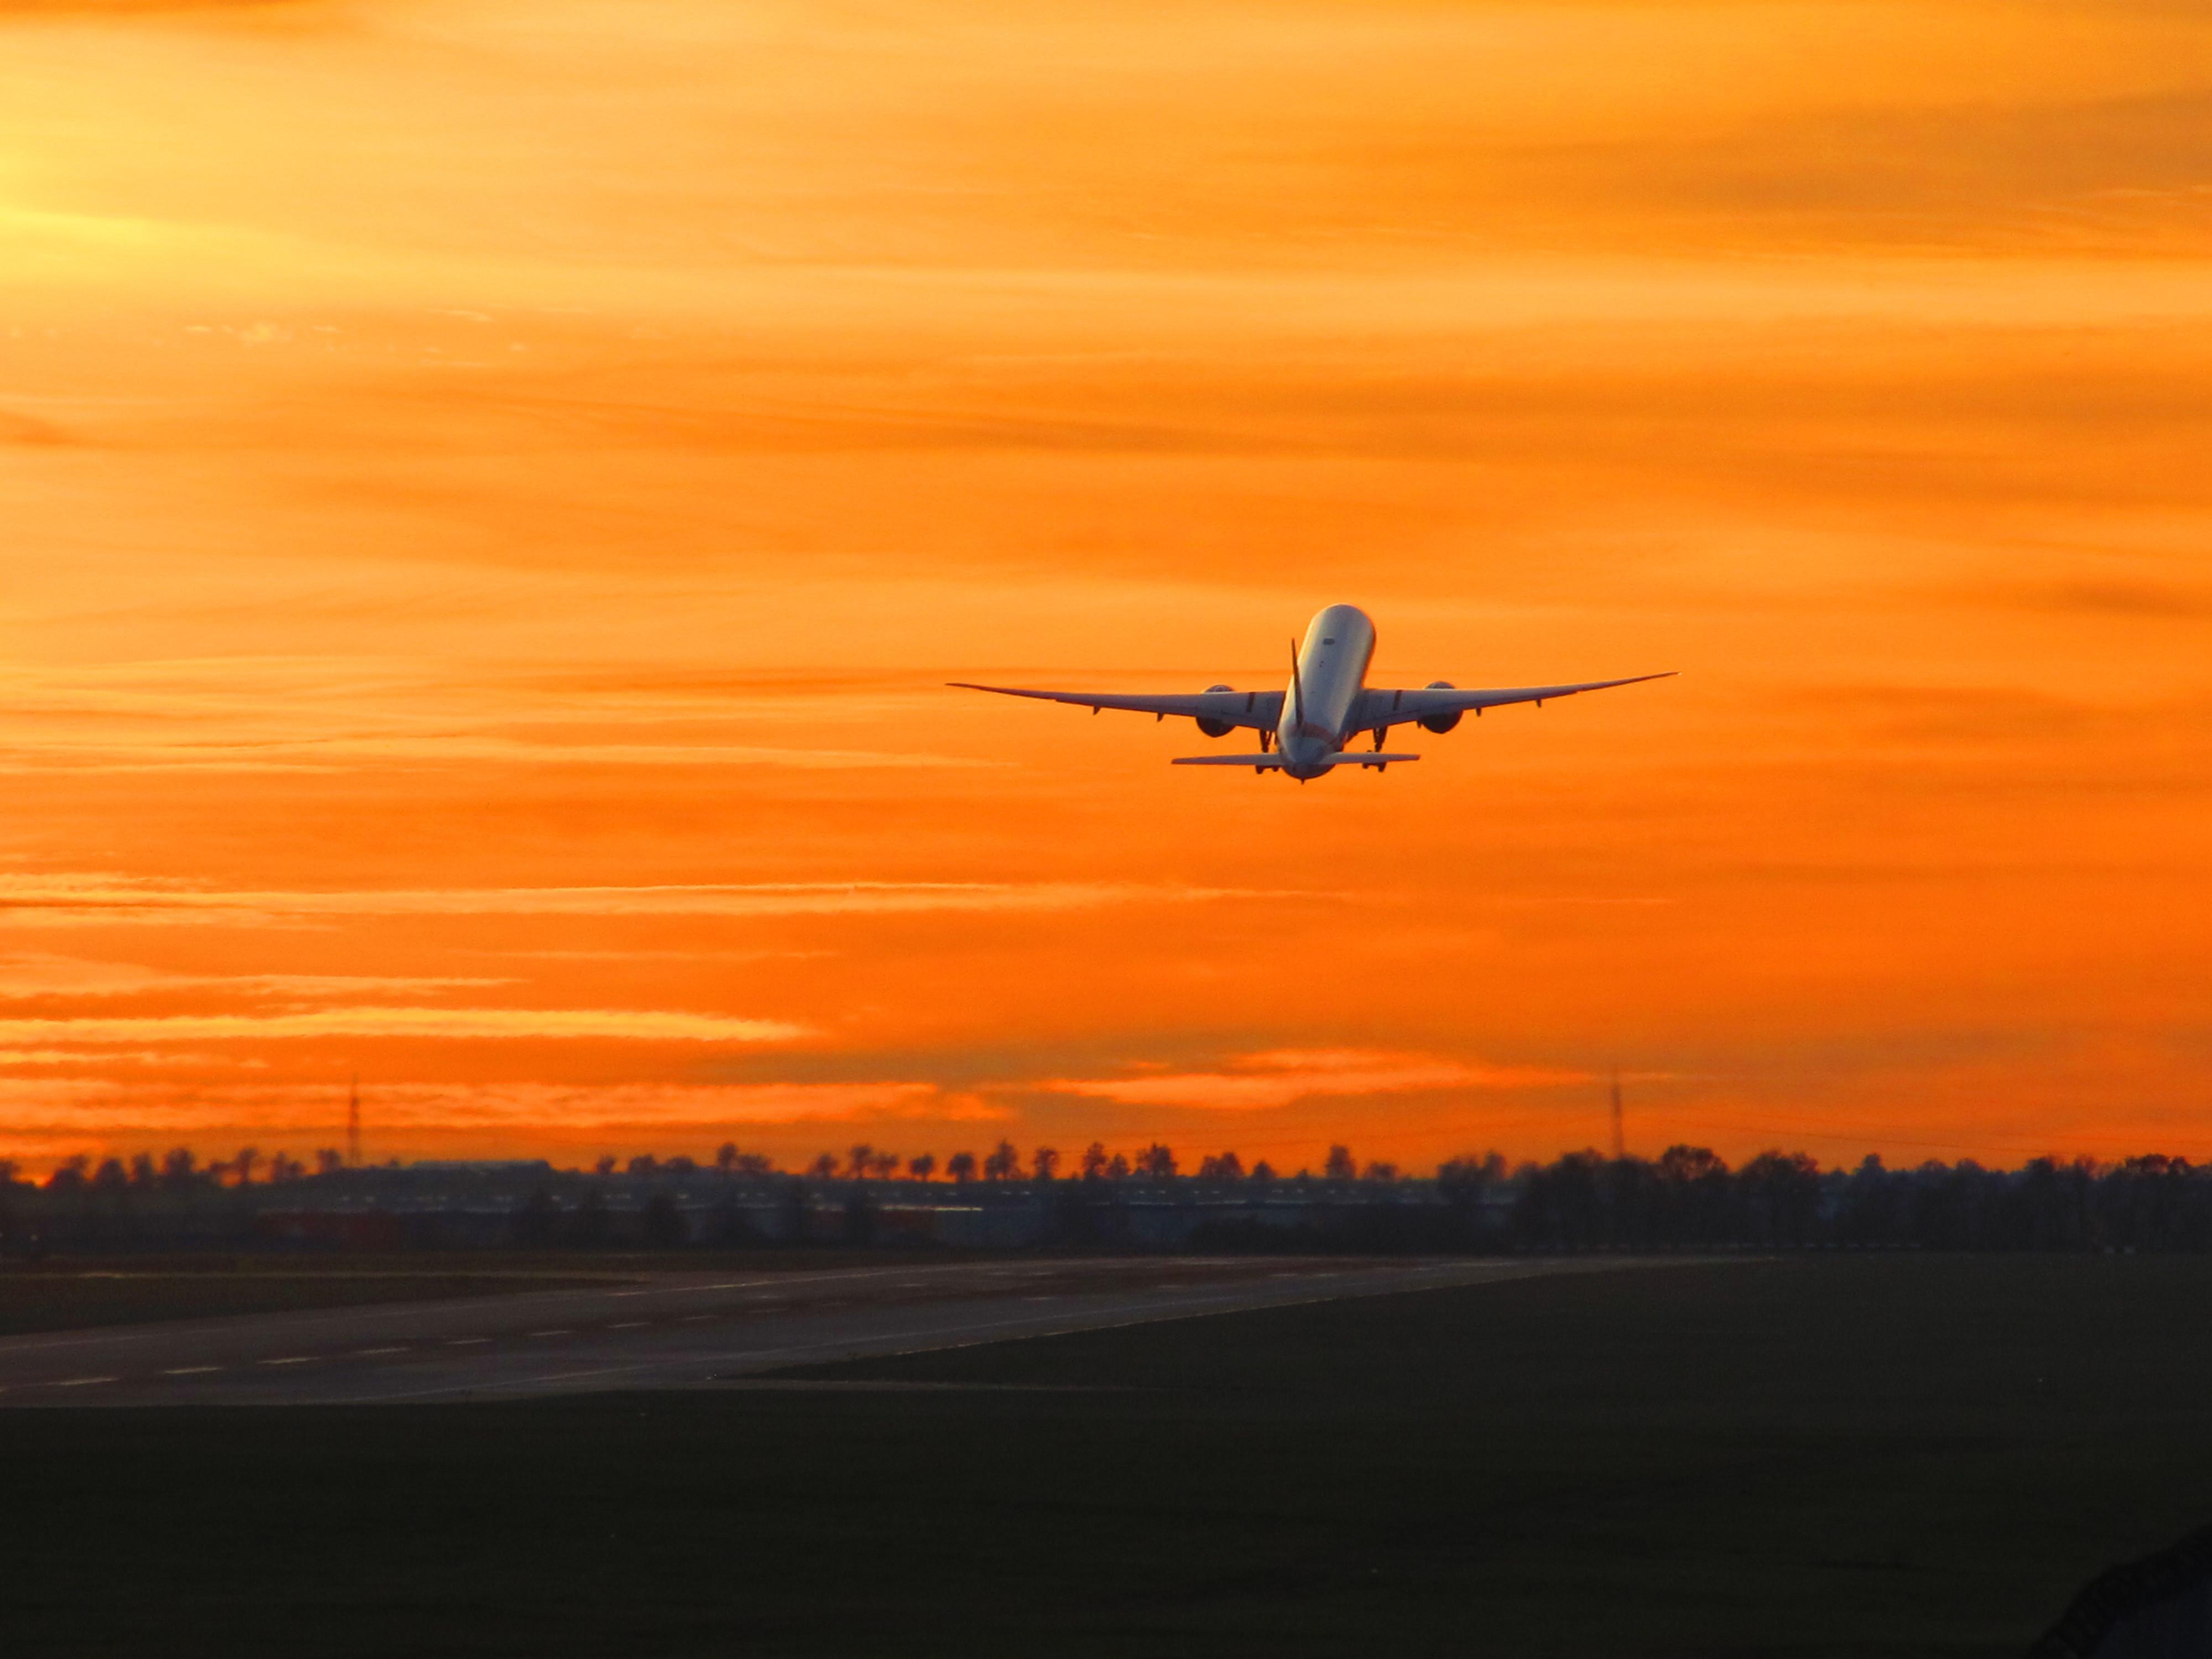 Letenky první třídou do Emirátu Dubaj: Napište Vás datum odletů a Tripadvisor Vám vyhladá nejlepší nabíkdy Emirátu Dubaj lety.